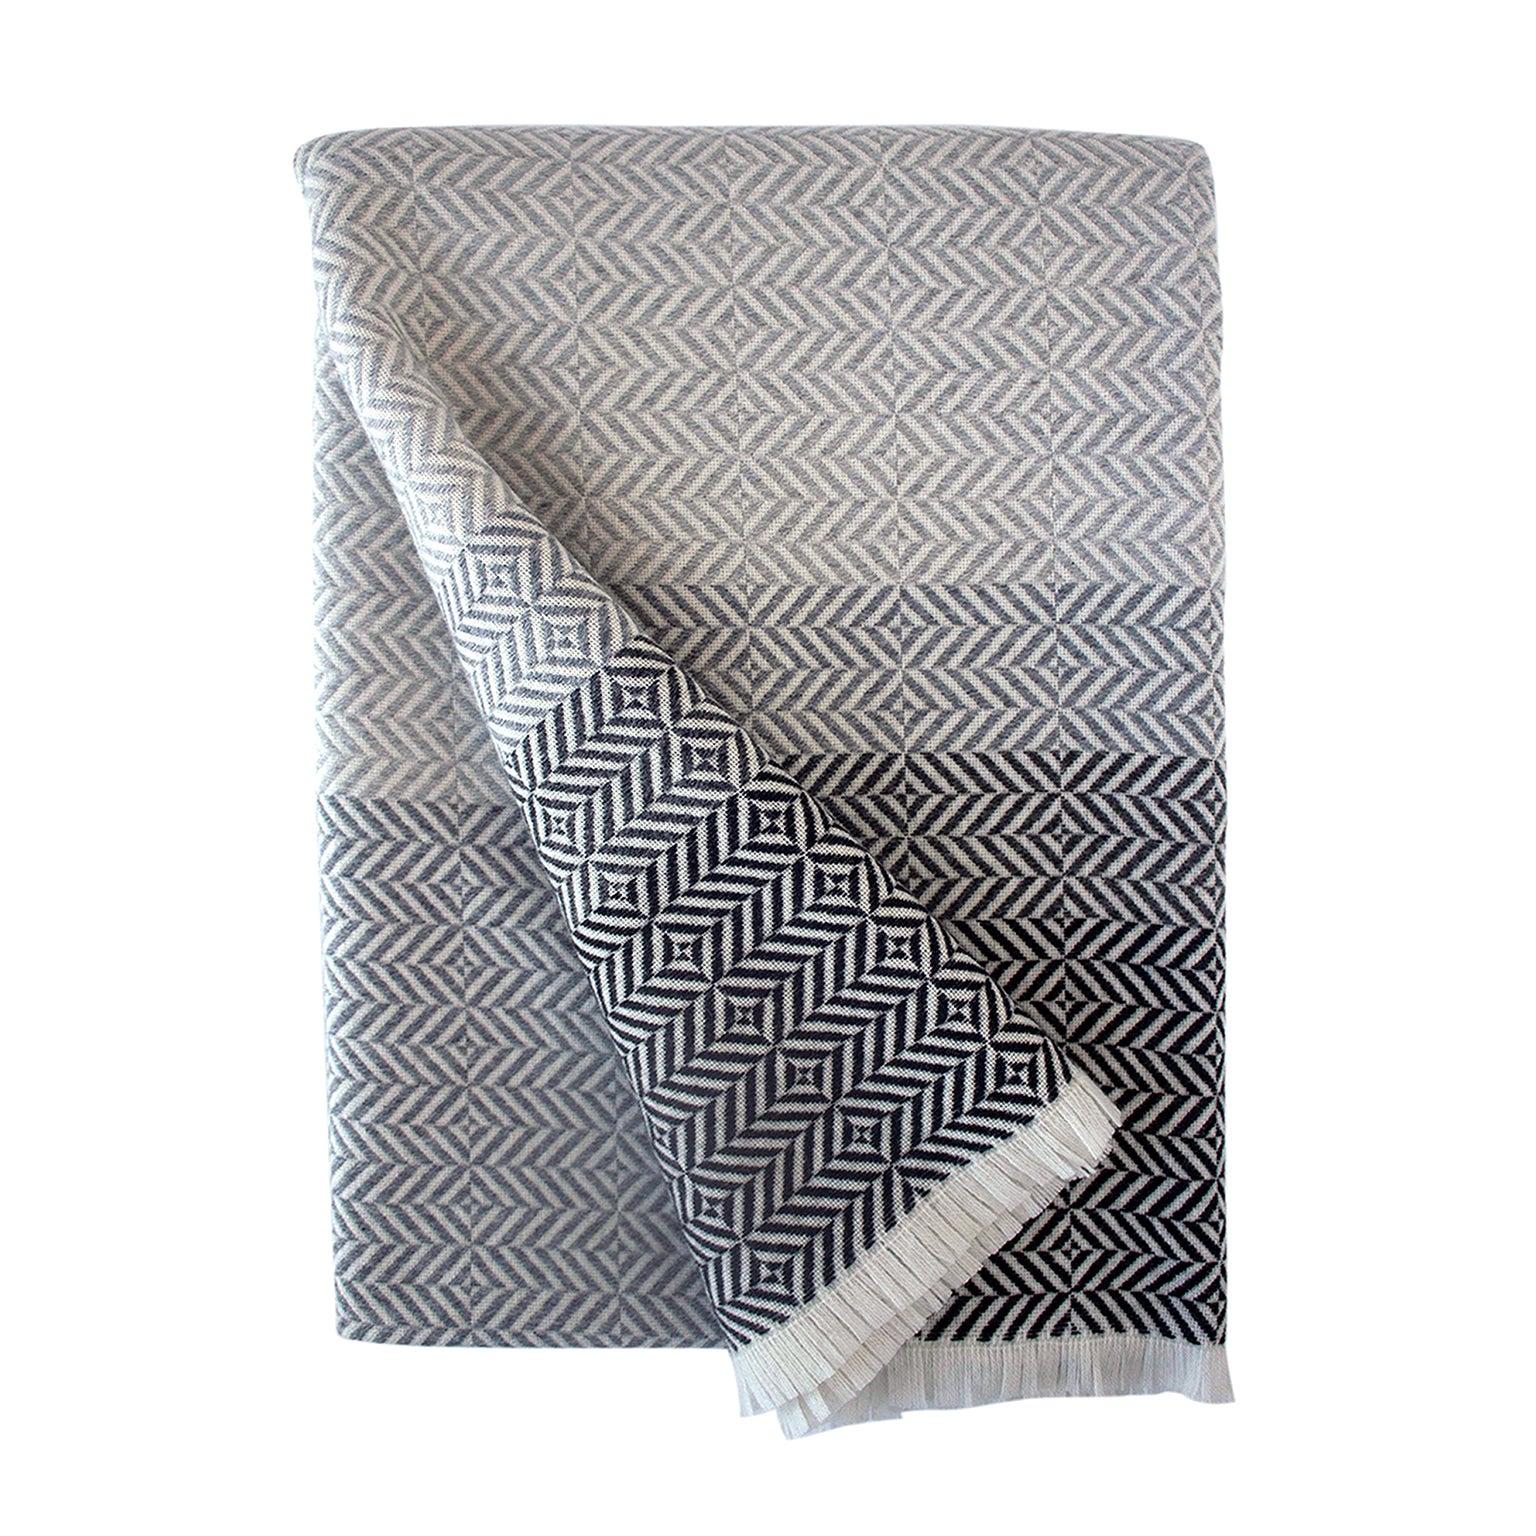 'Uccle' Woven Block Geometric Merino Wool Throw, Pearl Grey